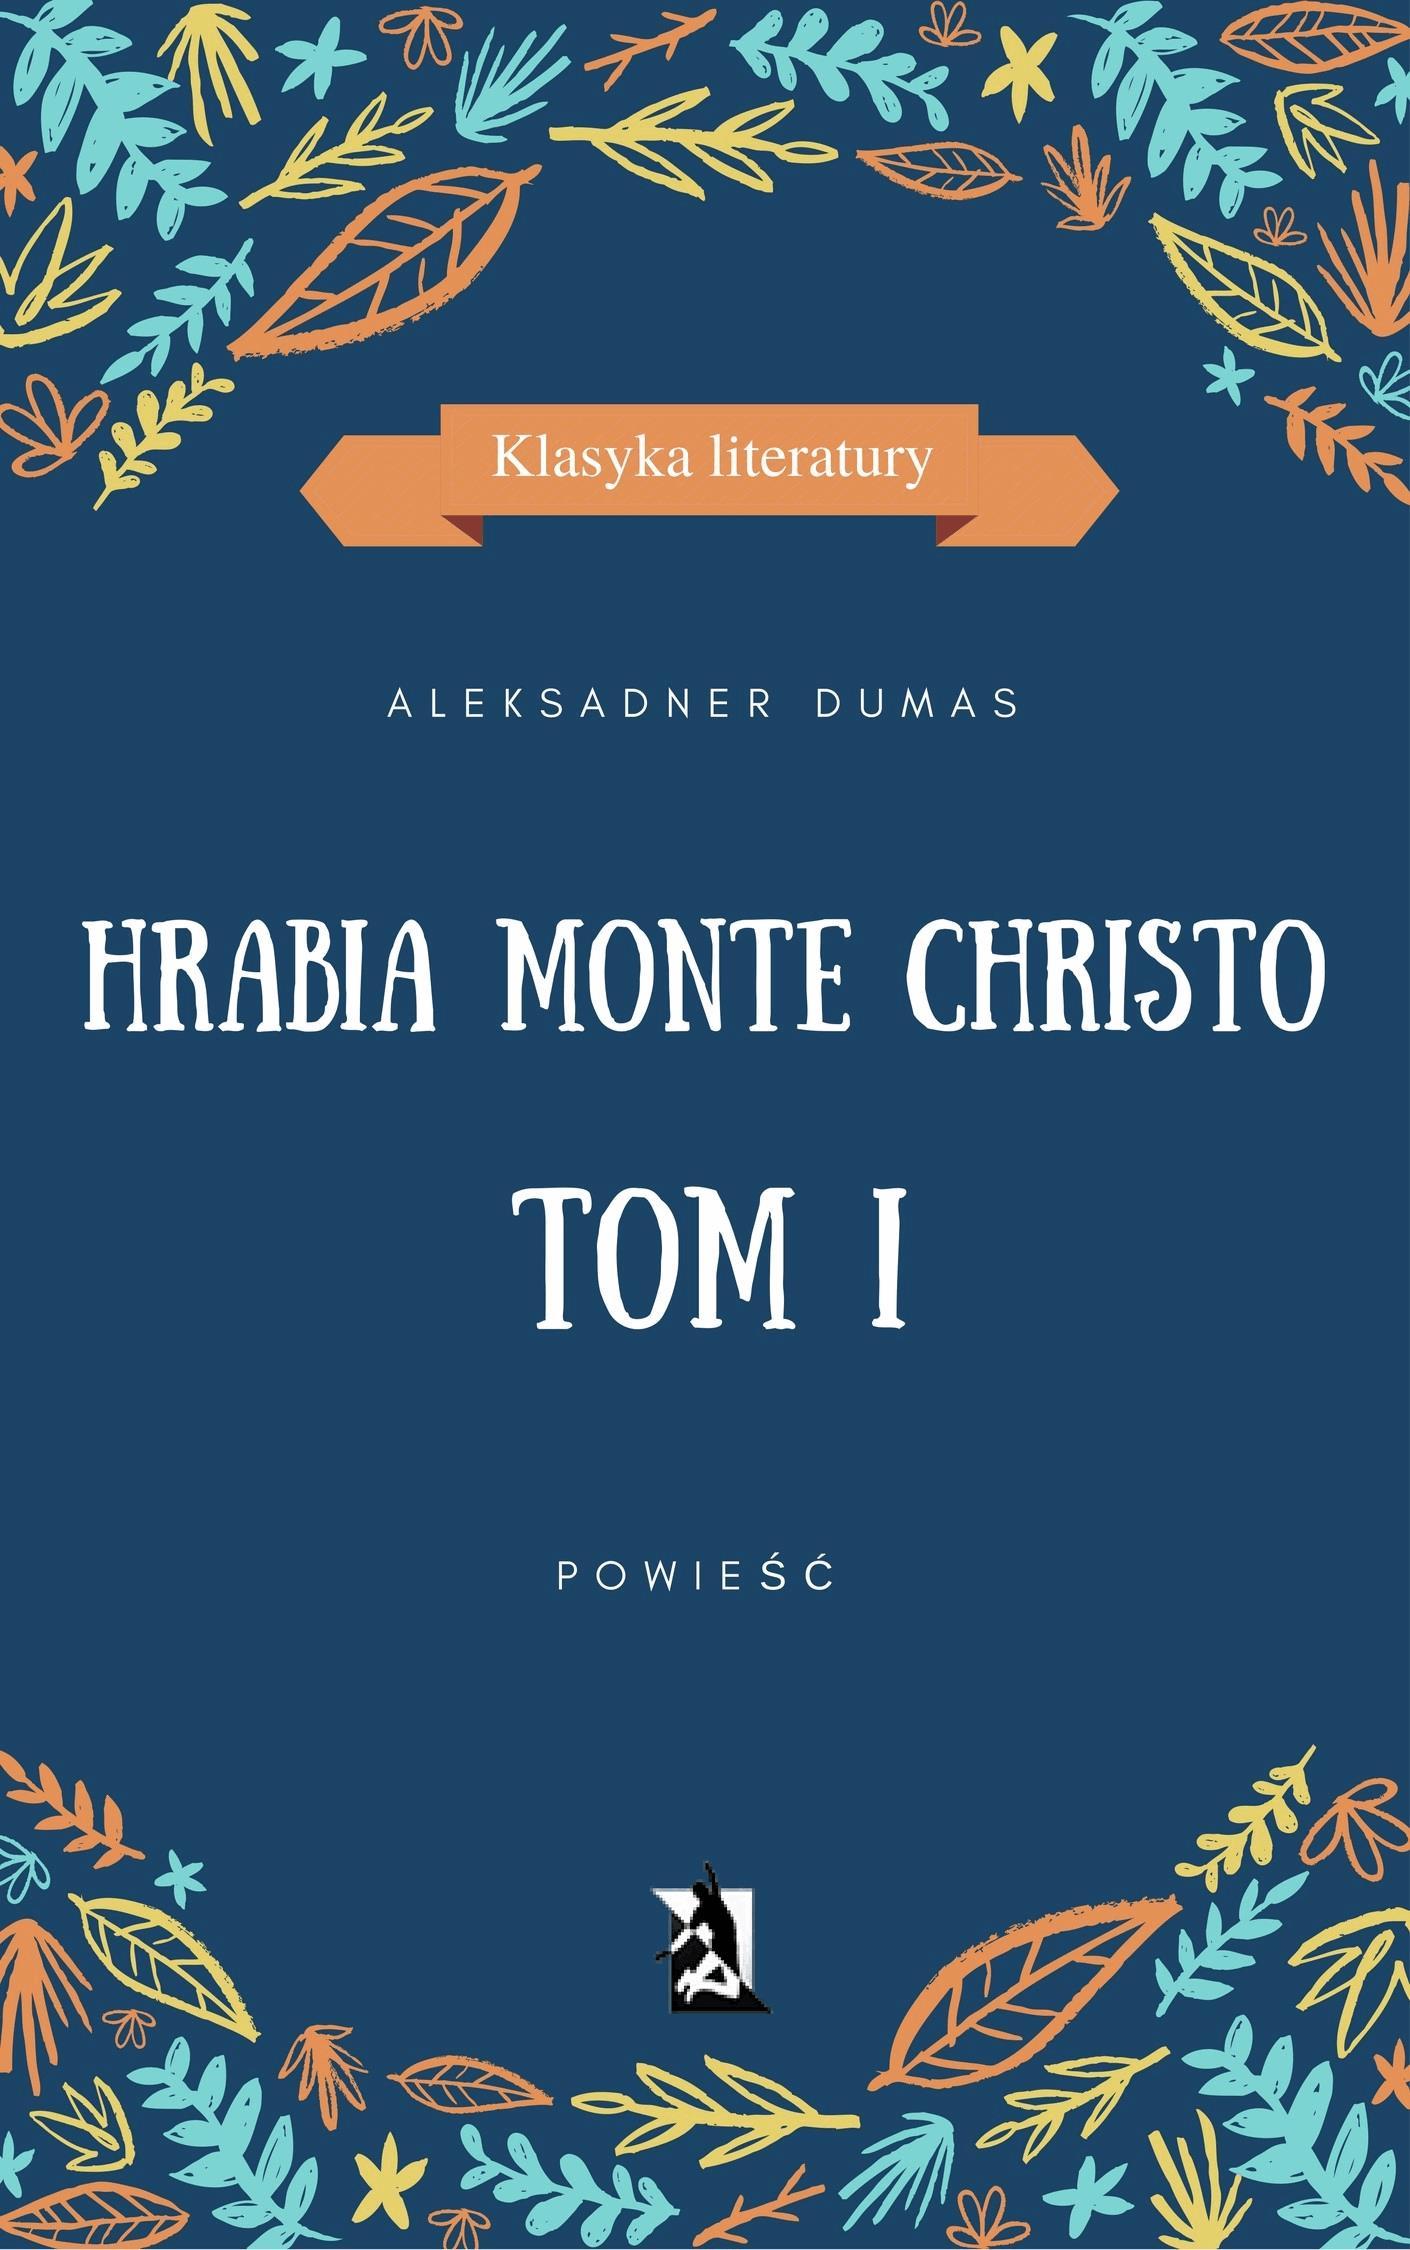 Hrabia Monte Christo. Tom I - Tylko w Legimi możesz przeczytać ten tytuł przez 7 dni za darmo. - Aleksander Dumas